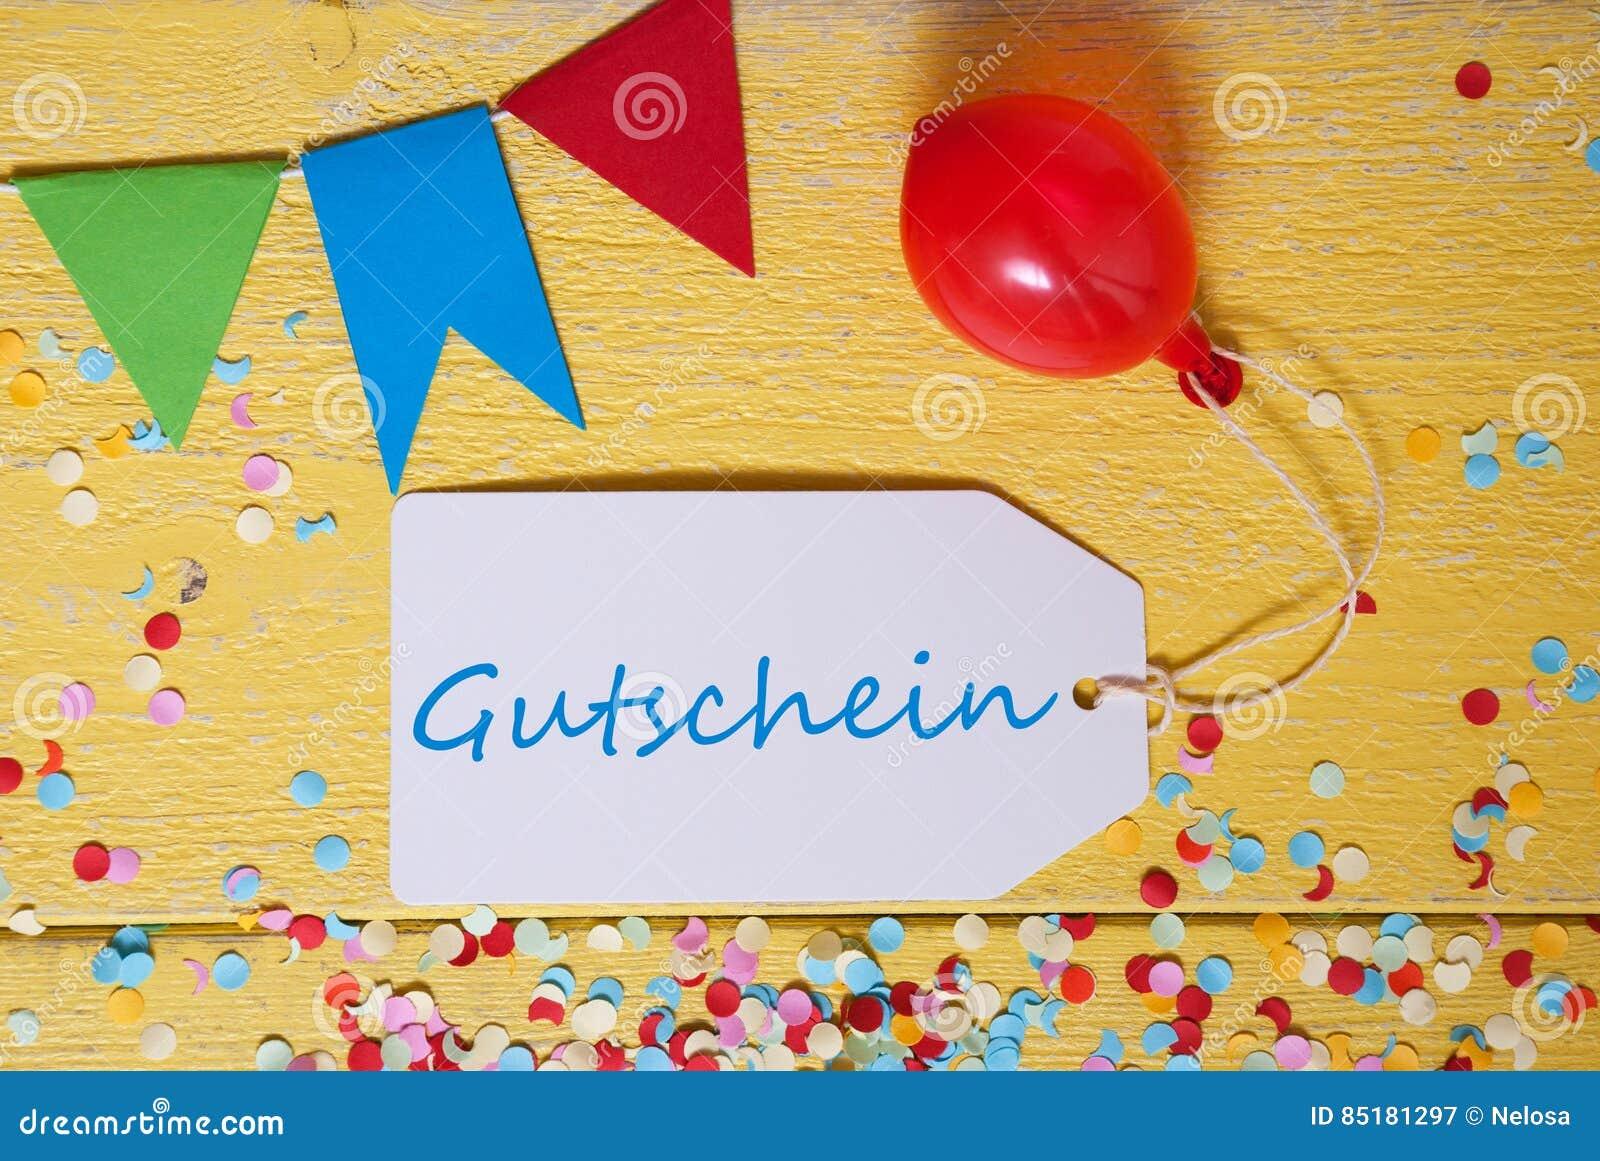 Gutschein Party